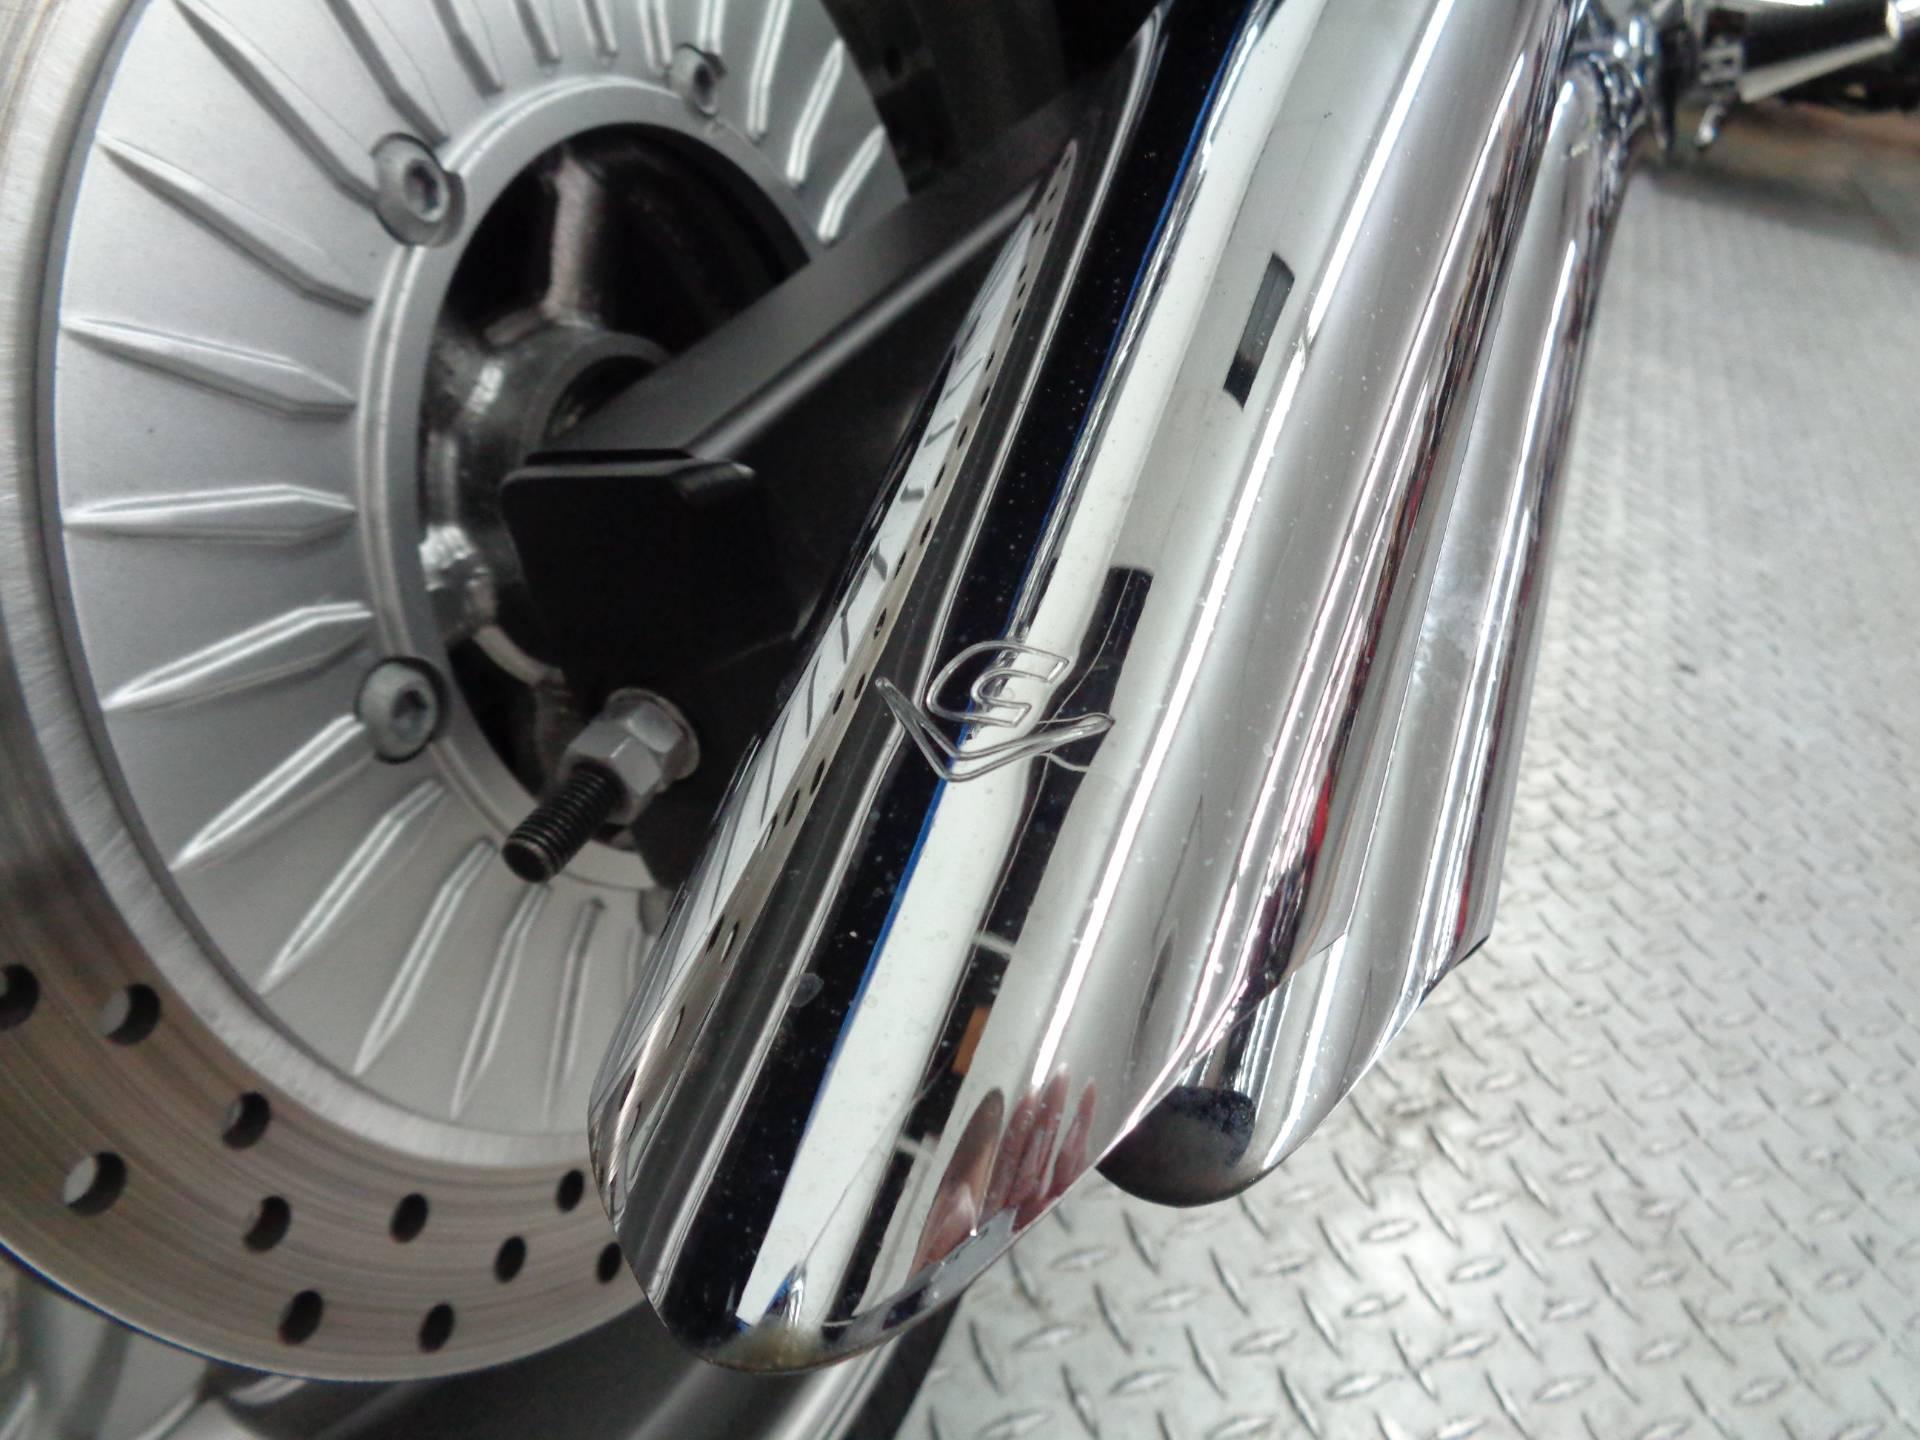 2011 Yamaha Stryker 12